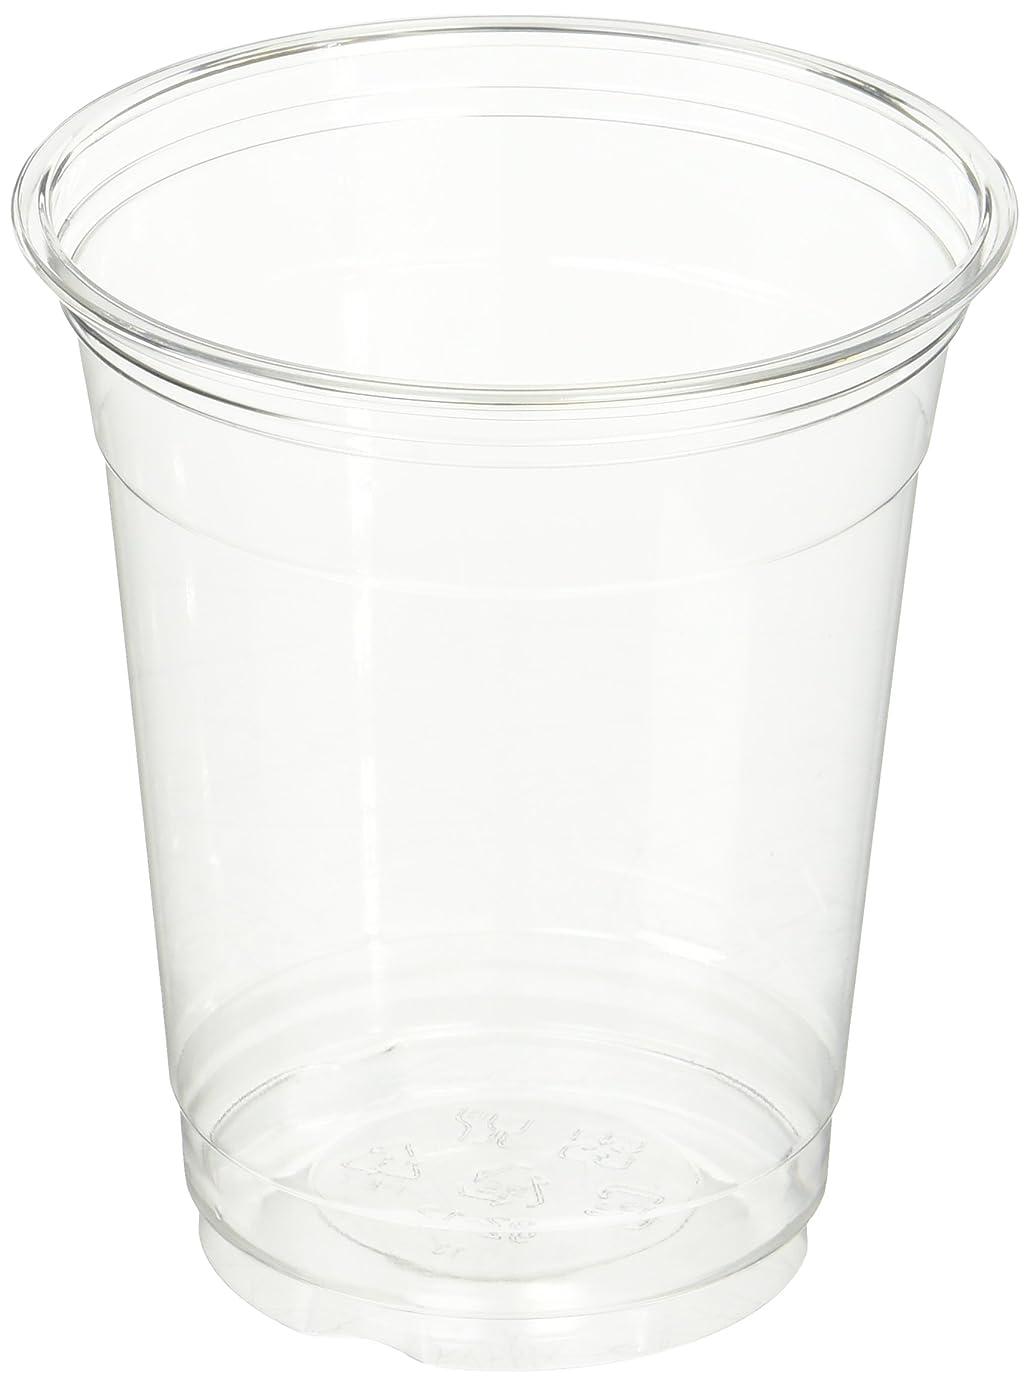 原子炉特別なレトルト【業務用】クリアPETカップ 420ML 14オンス 50個入